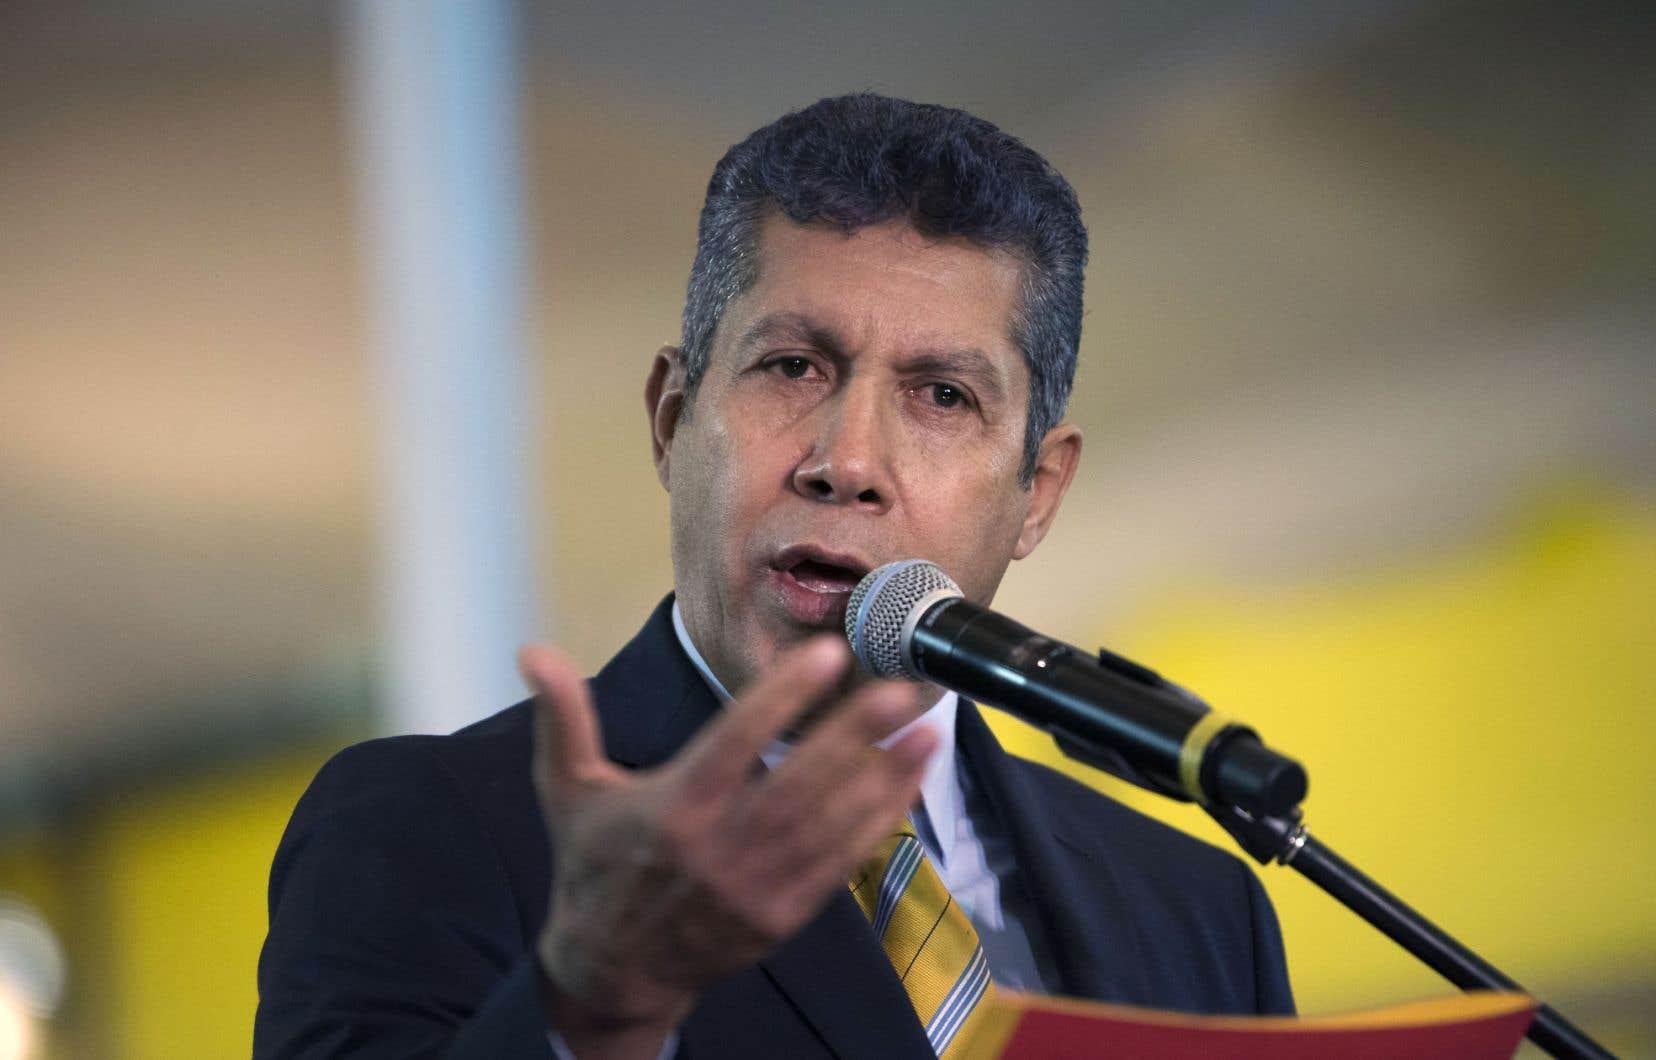 Le militaire à la retraite Henri Falcon se présentera contre le président Nicolas Maduro, qui brigue un nouveau mandat pour rester au pouvoir jusqu'en 2025.